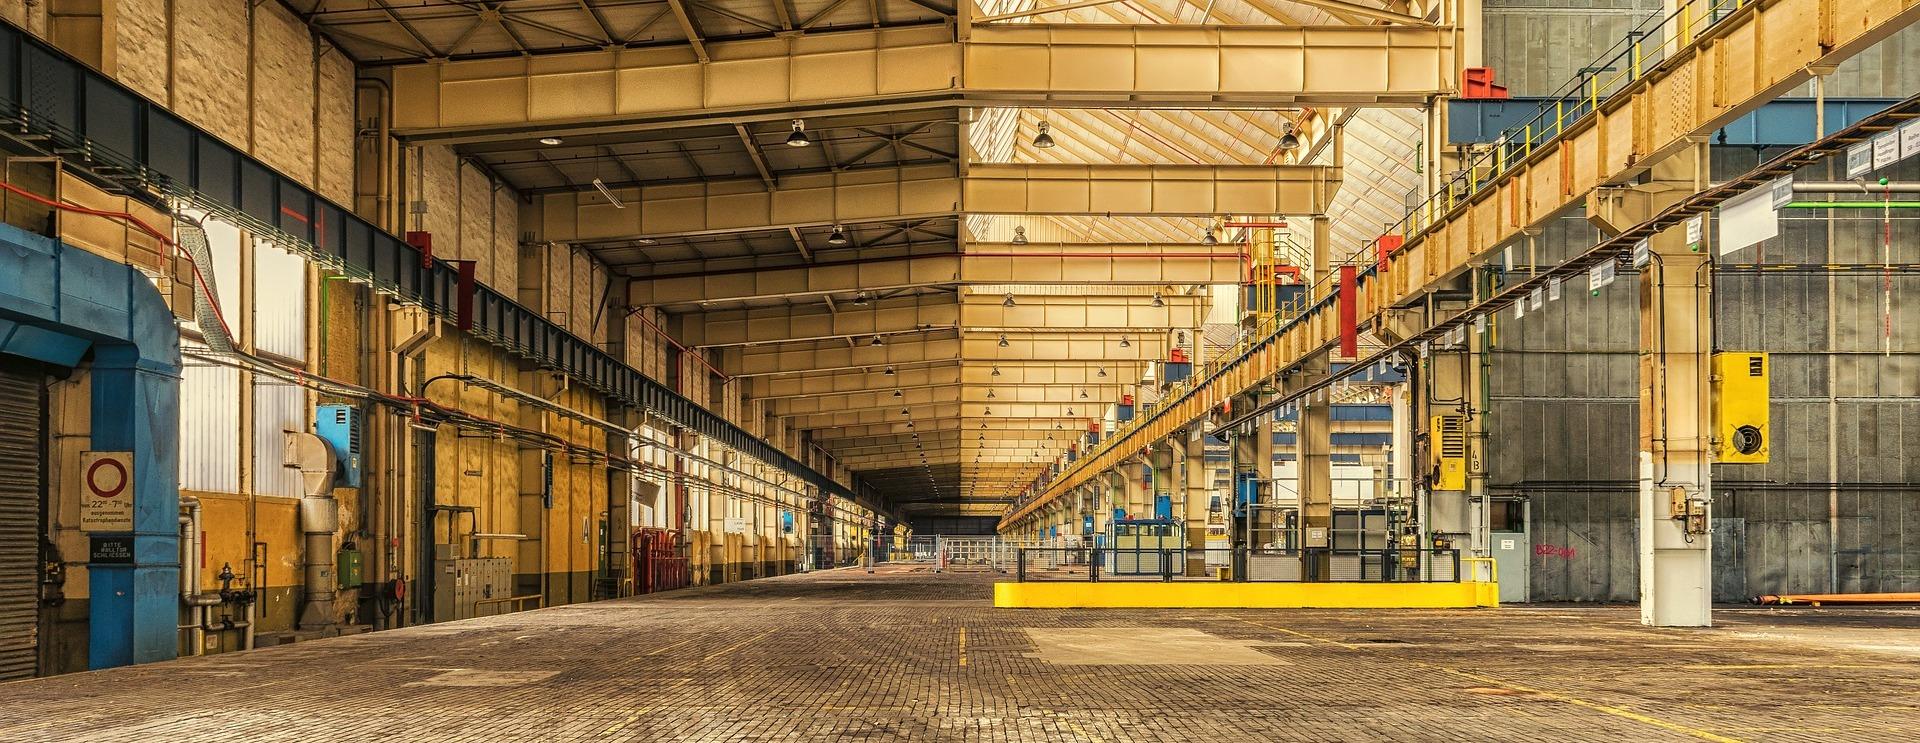 Le moderne tecnologie di colata hanno attuato il progetto di modernizzazione del negozio dello stabilimento di Belaruskali